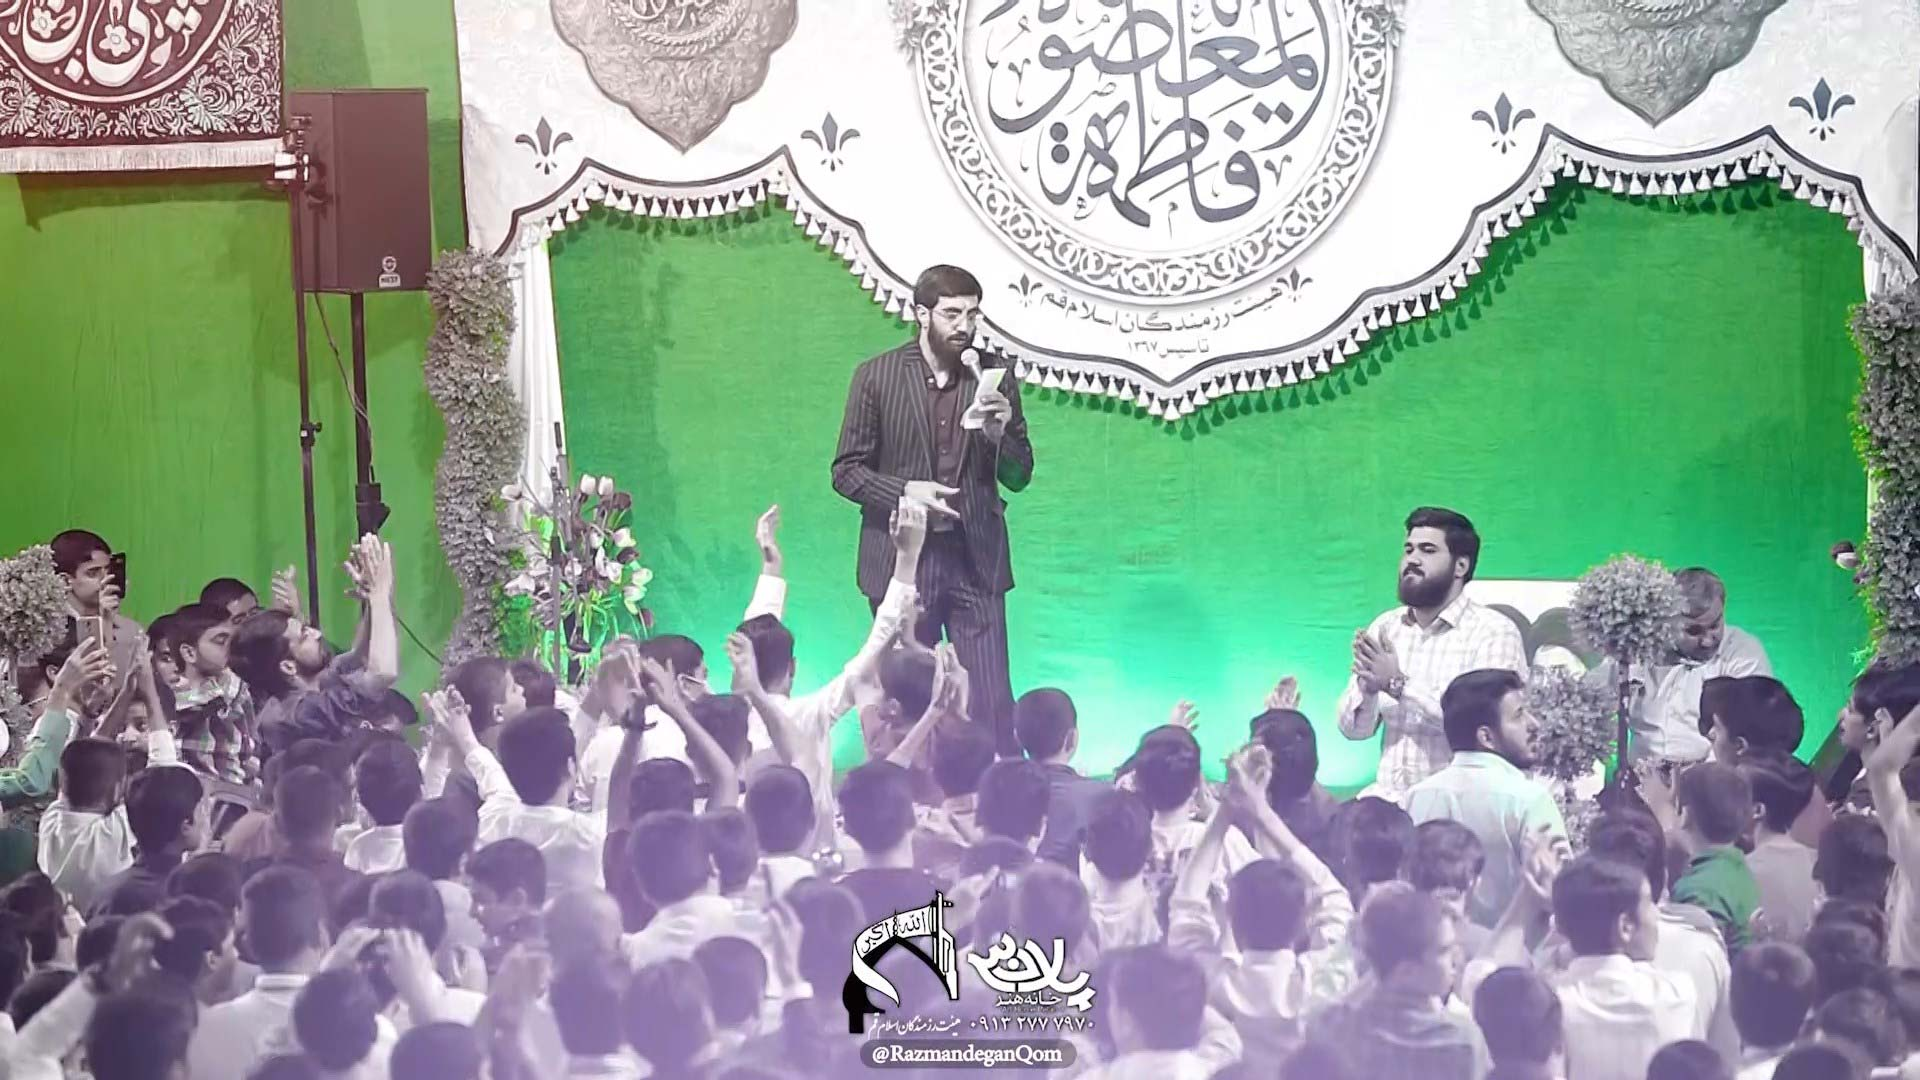 ماه زهرا سید رضا نریمانی